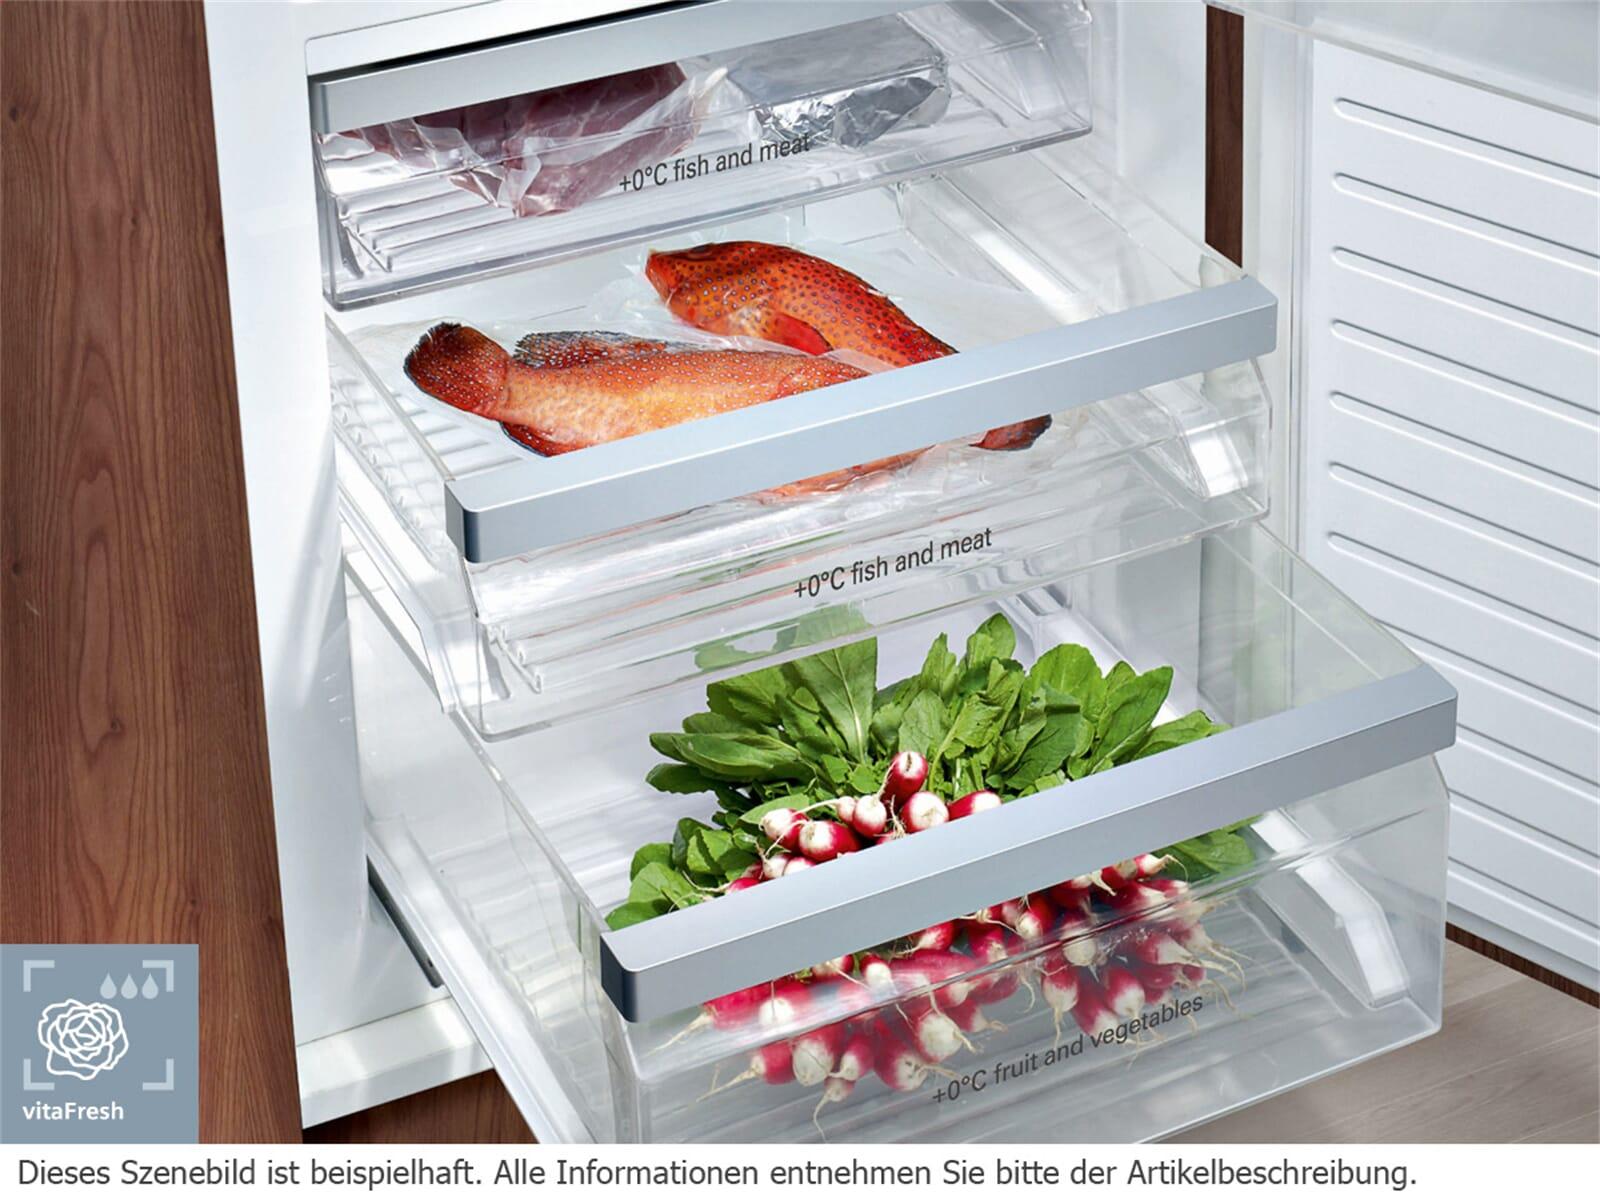 Siemens Unterbau Kühlschrank : Kühlschrank mit schubladen siemens u dekoration image idee